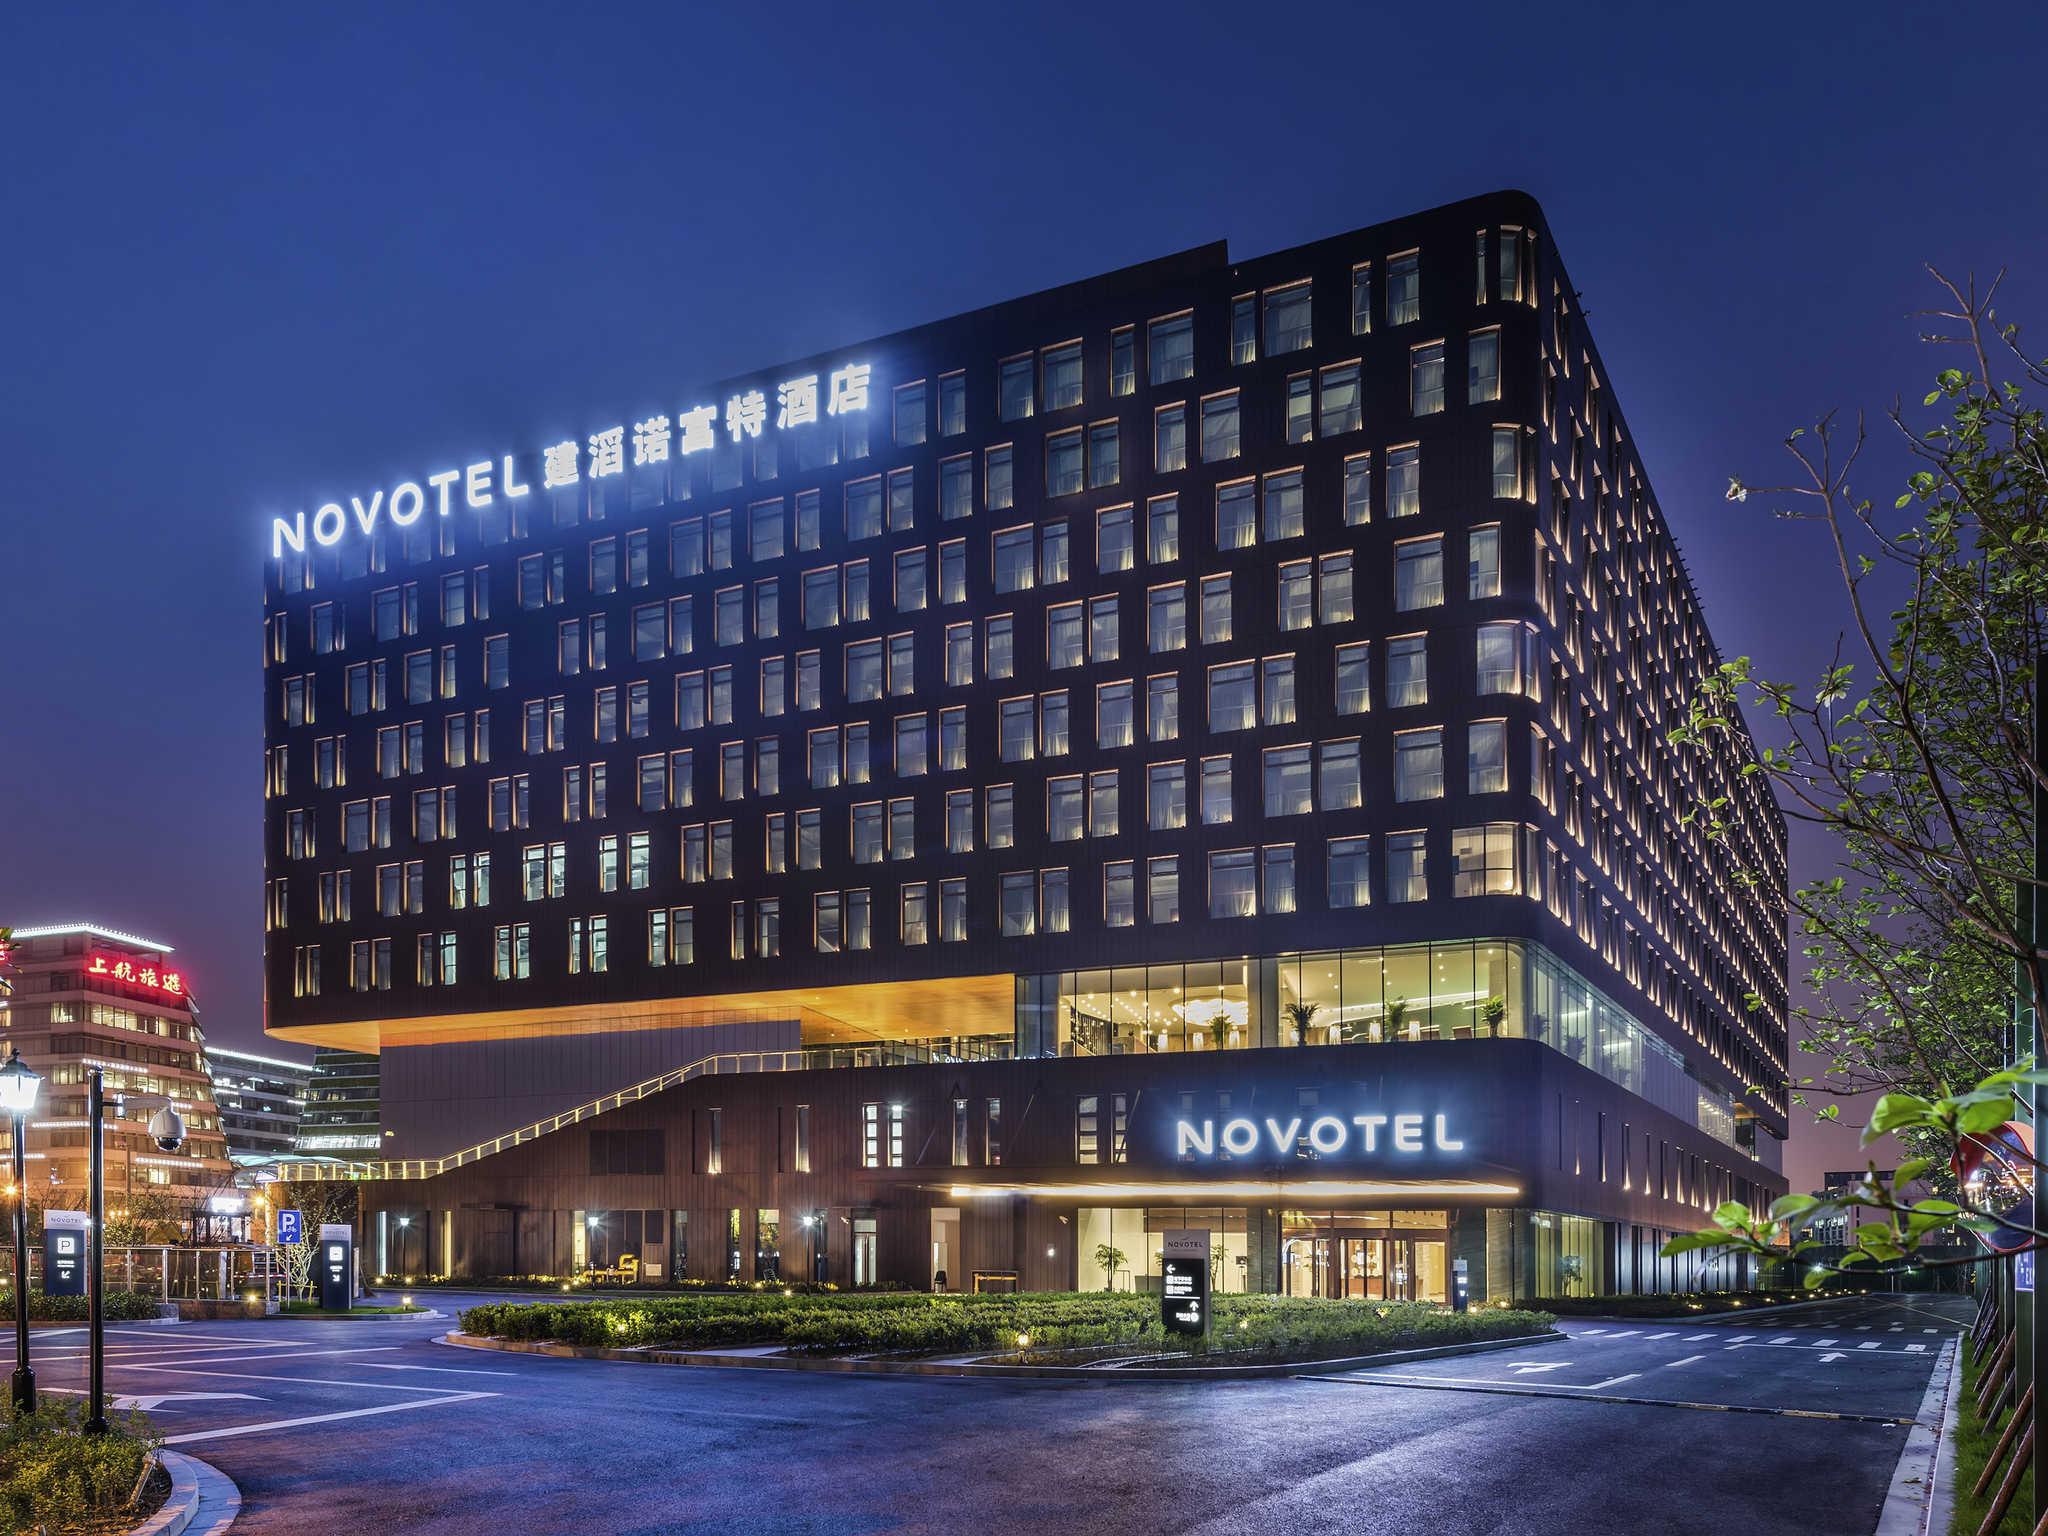 โรงแรม – โนโวเทล เซี่ยงไฮ้ หงเฉียว